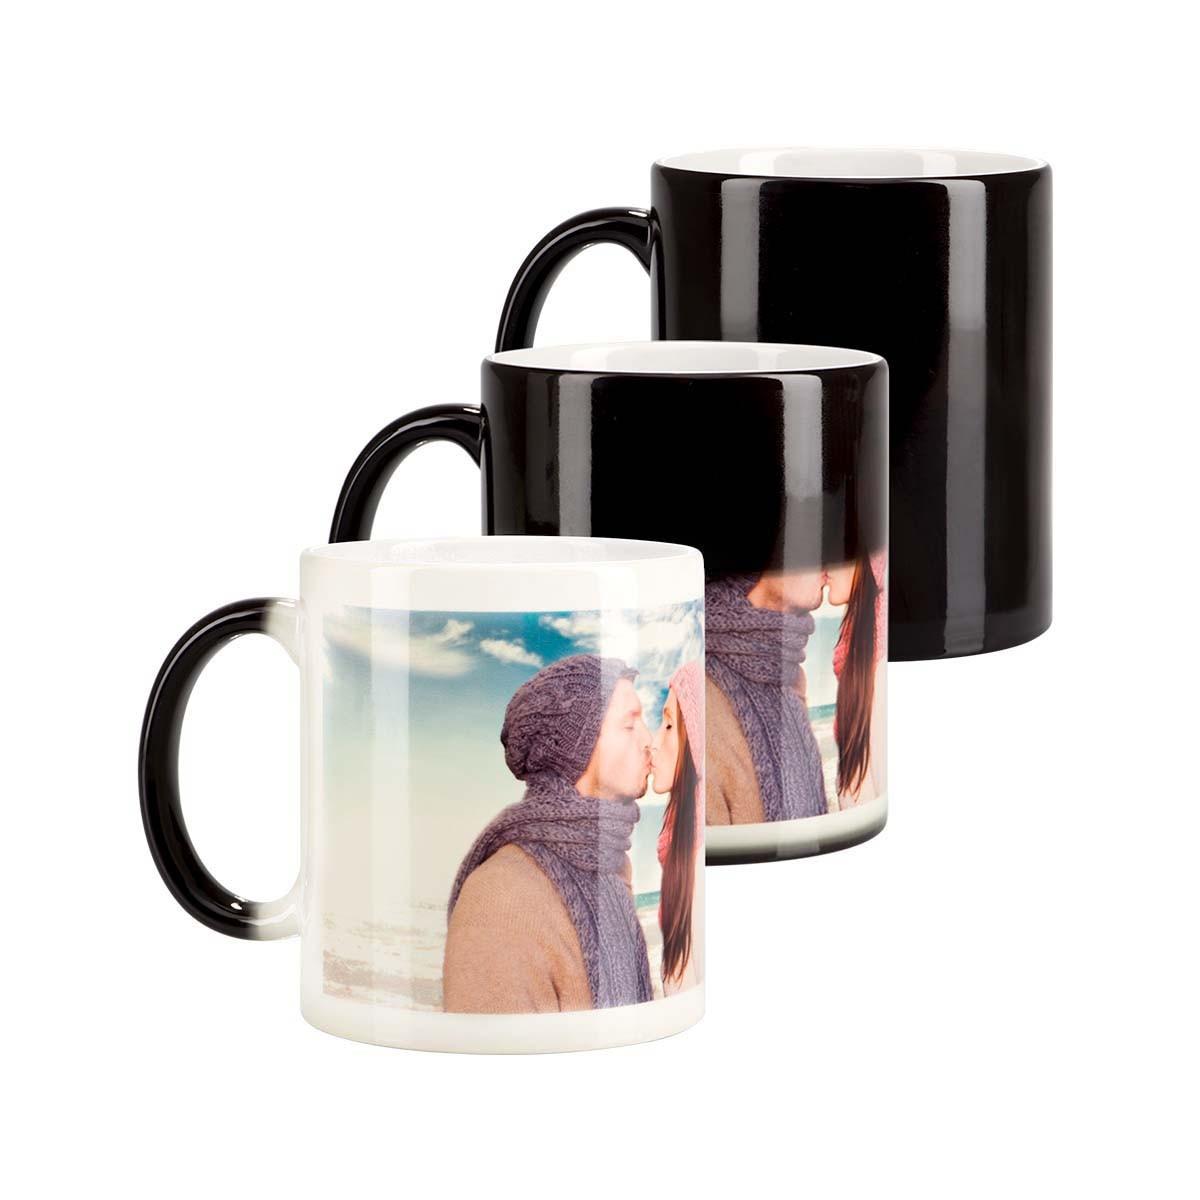 La tasse magique | Ideecadeau.fr